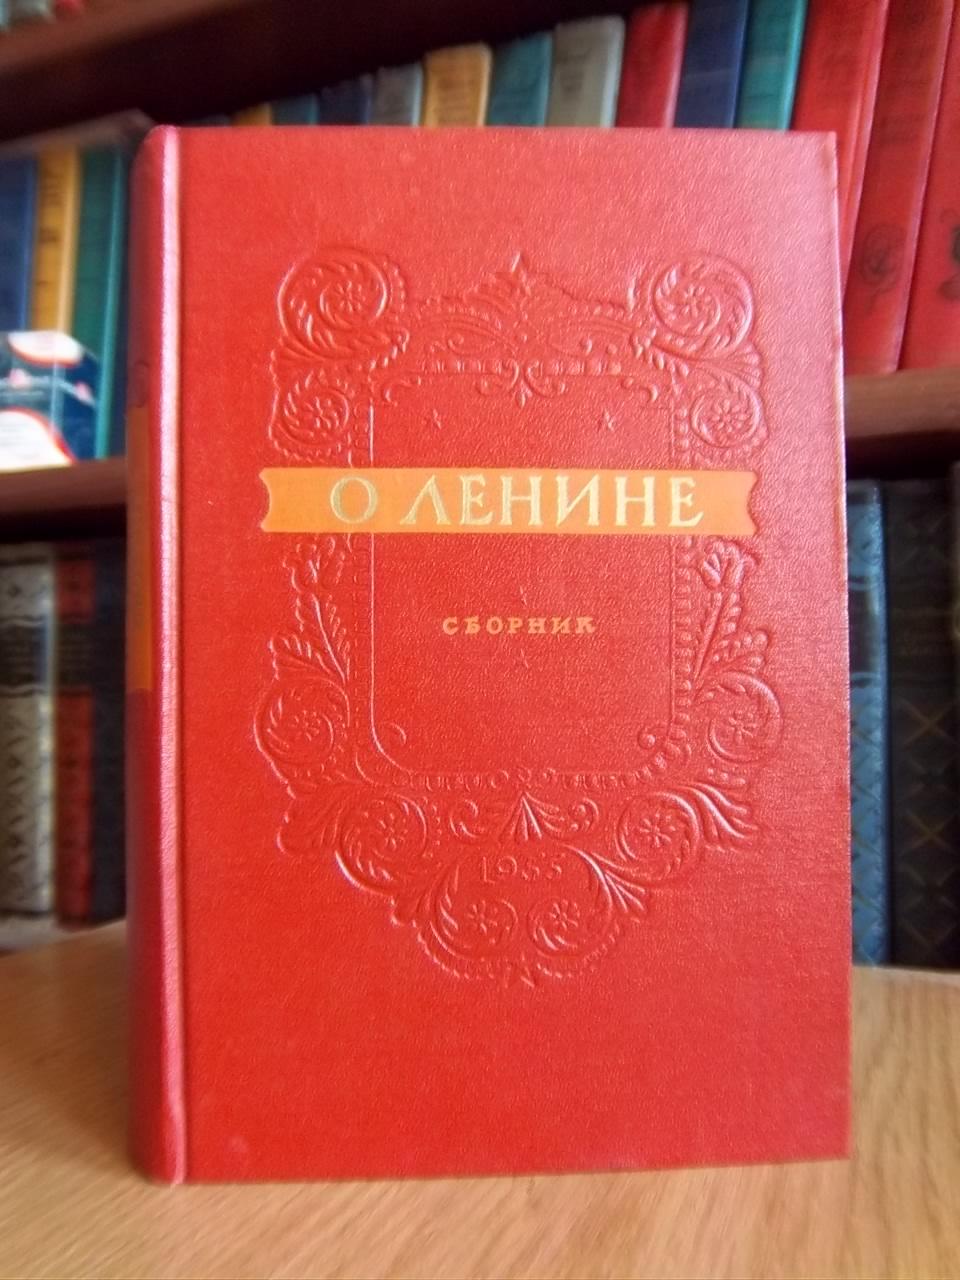 О Ленине Сборник